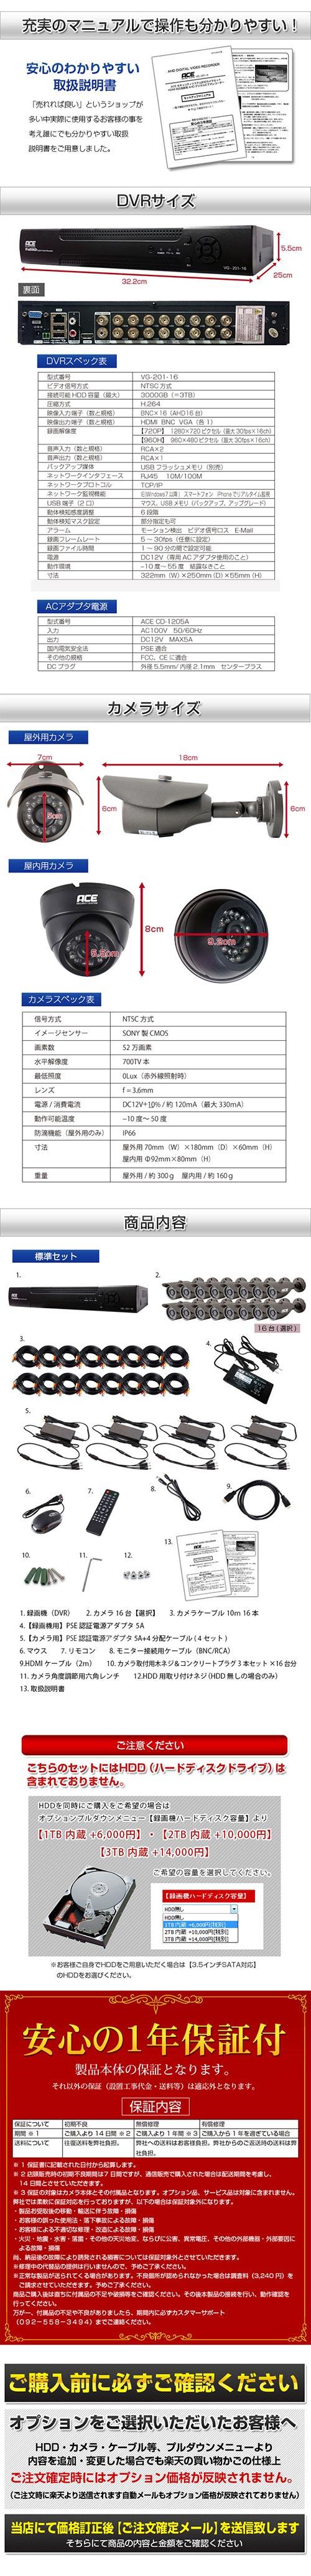 【防犯カメラ8台セット】最大4台接続 日本語対応の4chDVR HDMI対応